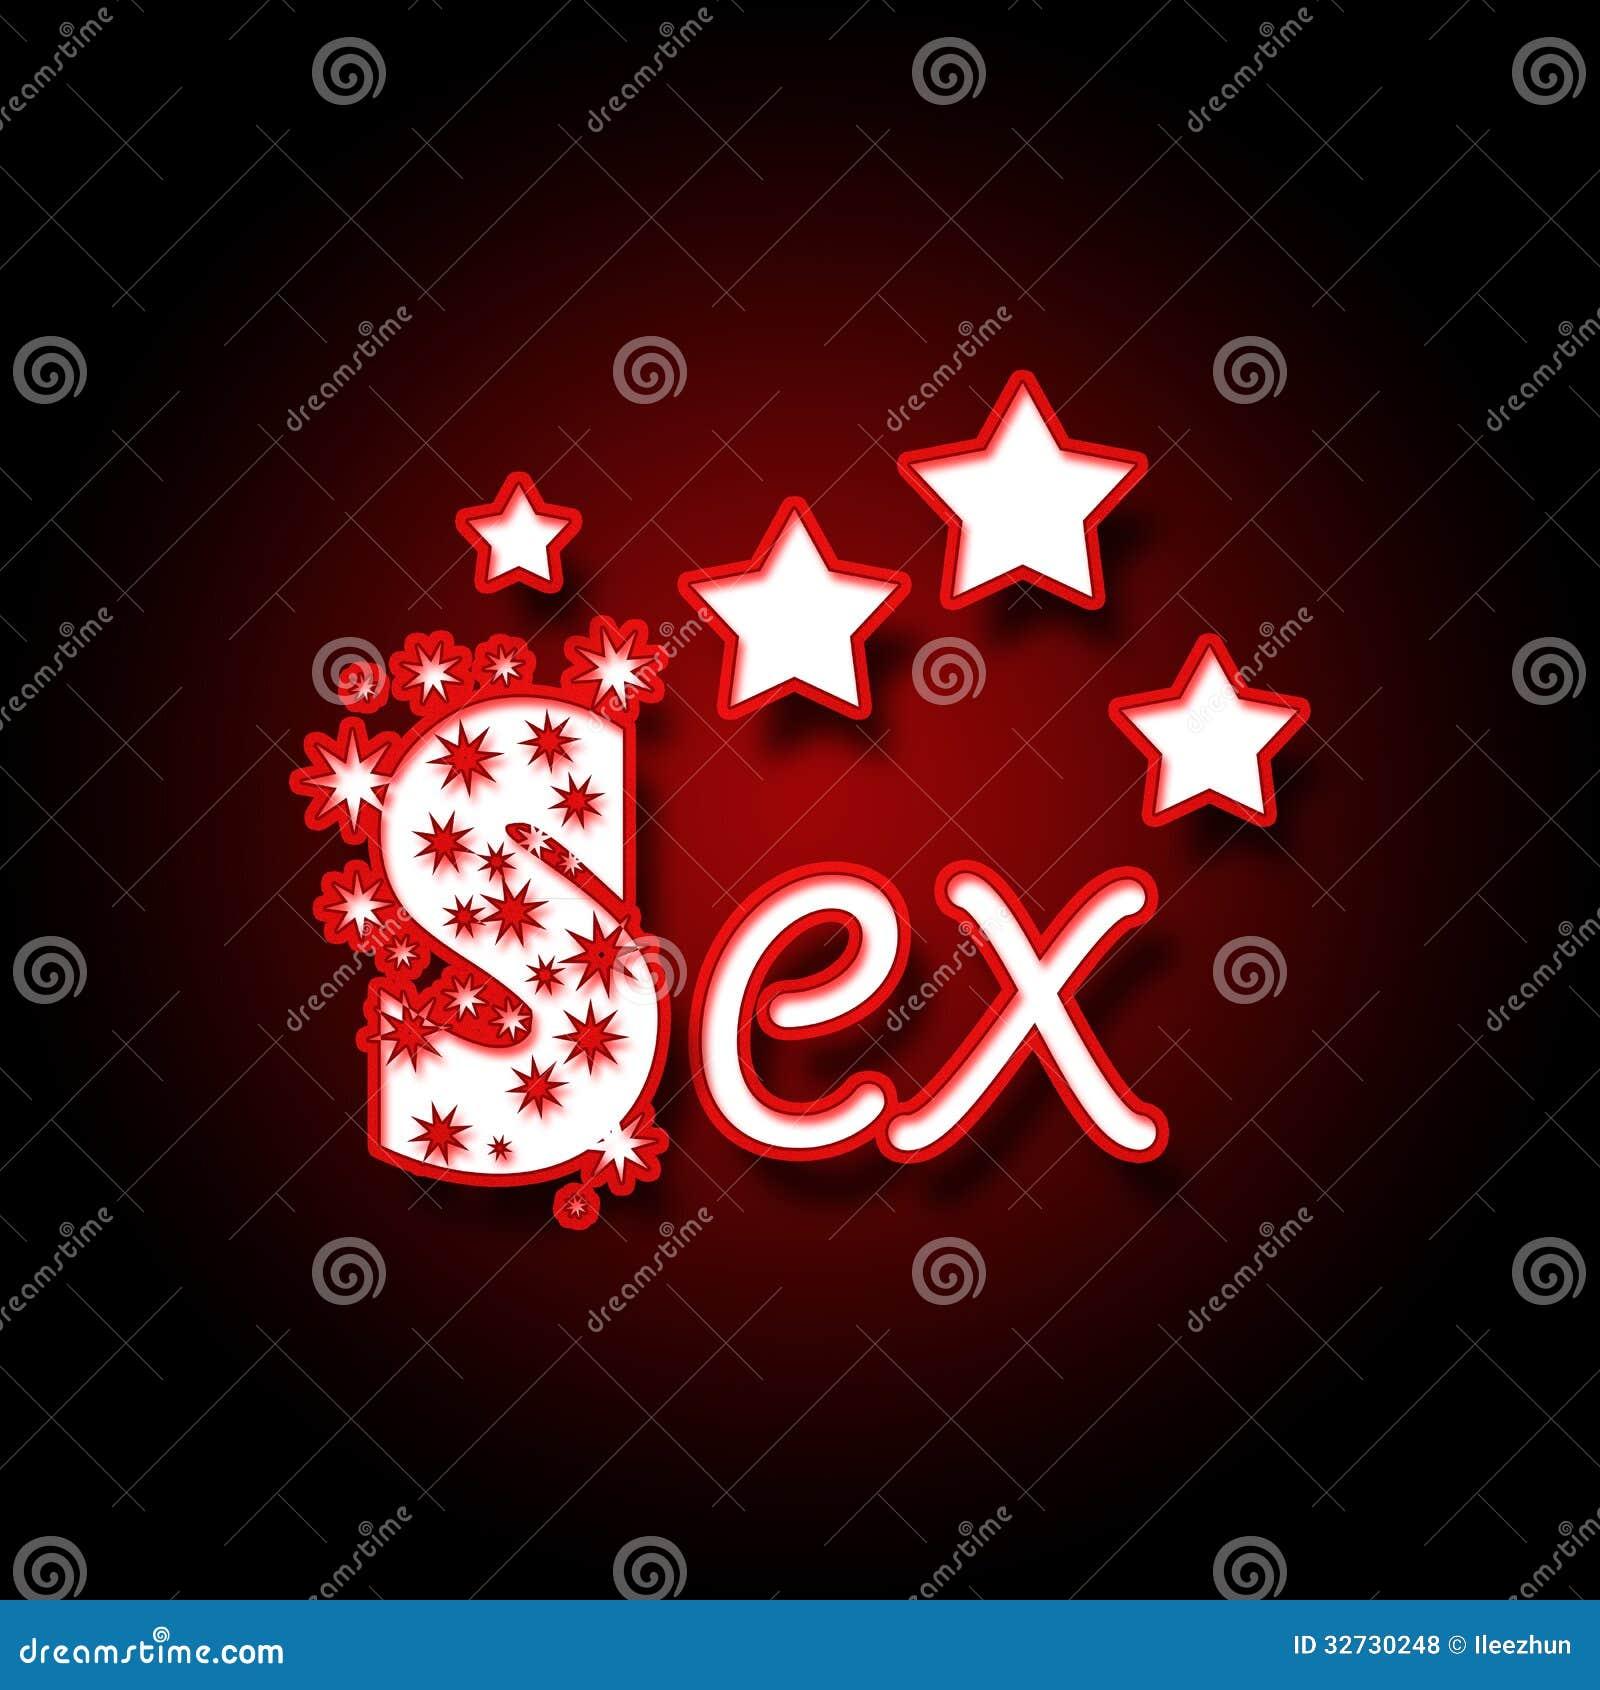 Estrellas del porno gratis - iberpornocom